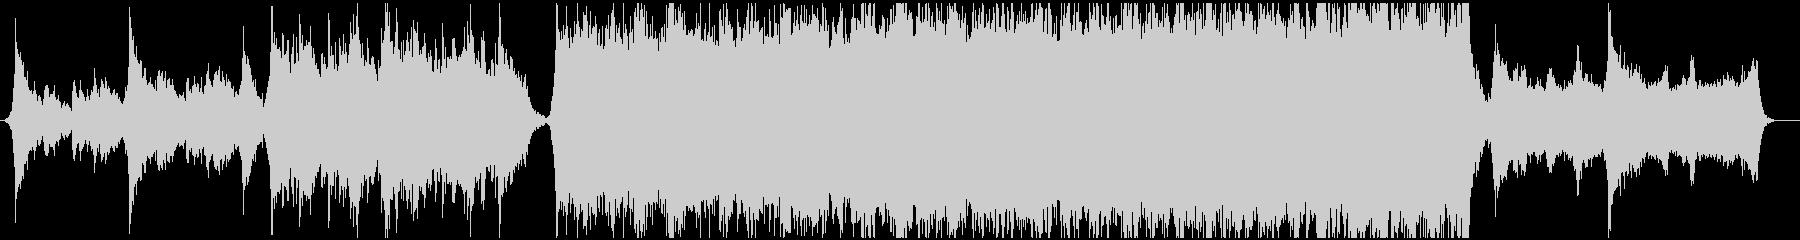 威厳、風格のあるエピック系BGMの未再生の波形